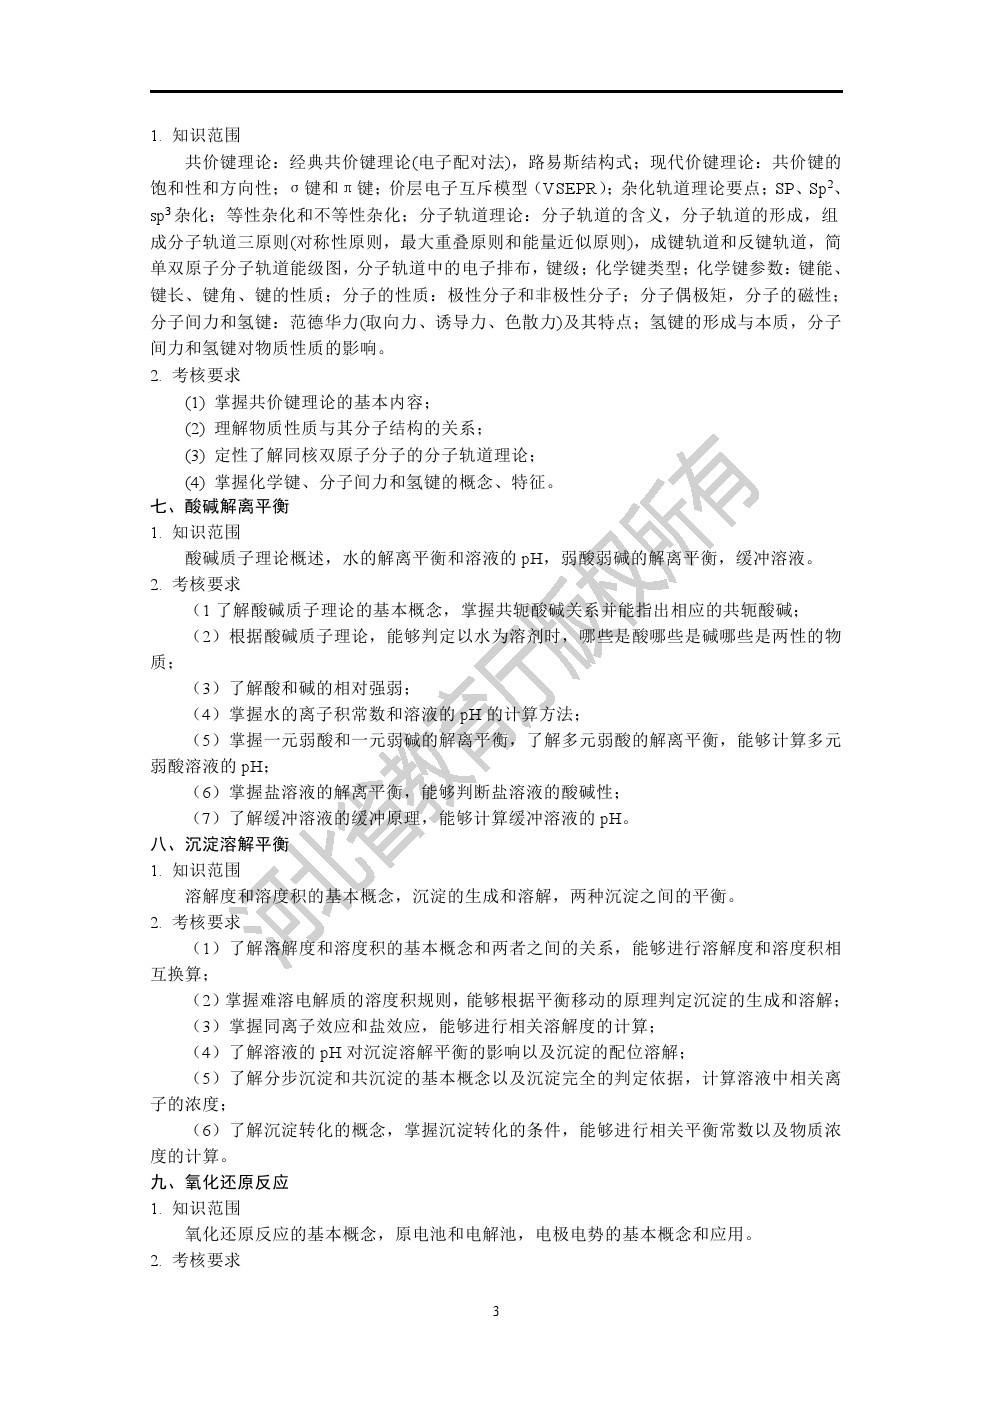 2020年河北省专接本考试理工类-化学、应用化学专业考试说明(无机化学、分析化学、有机化学)